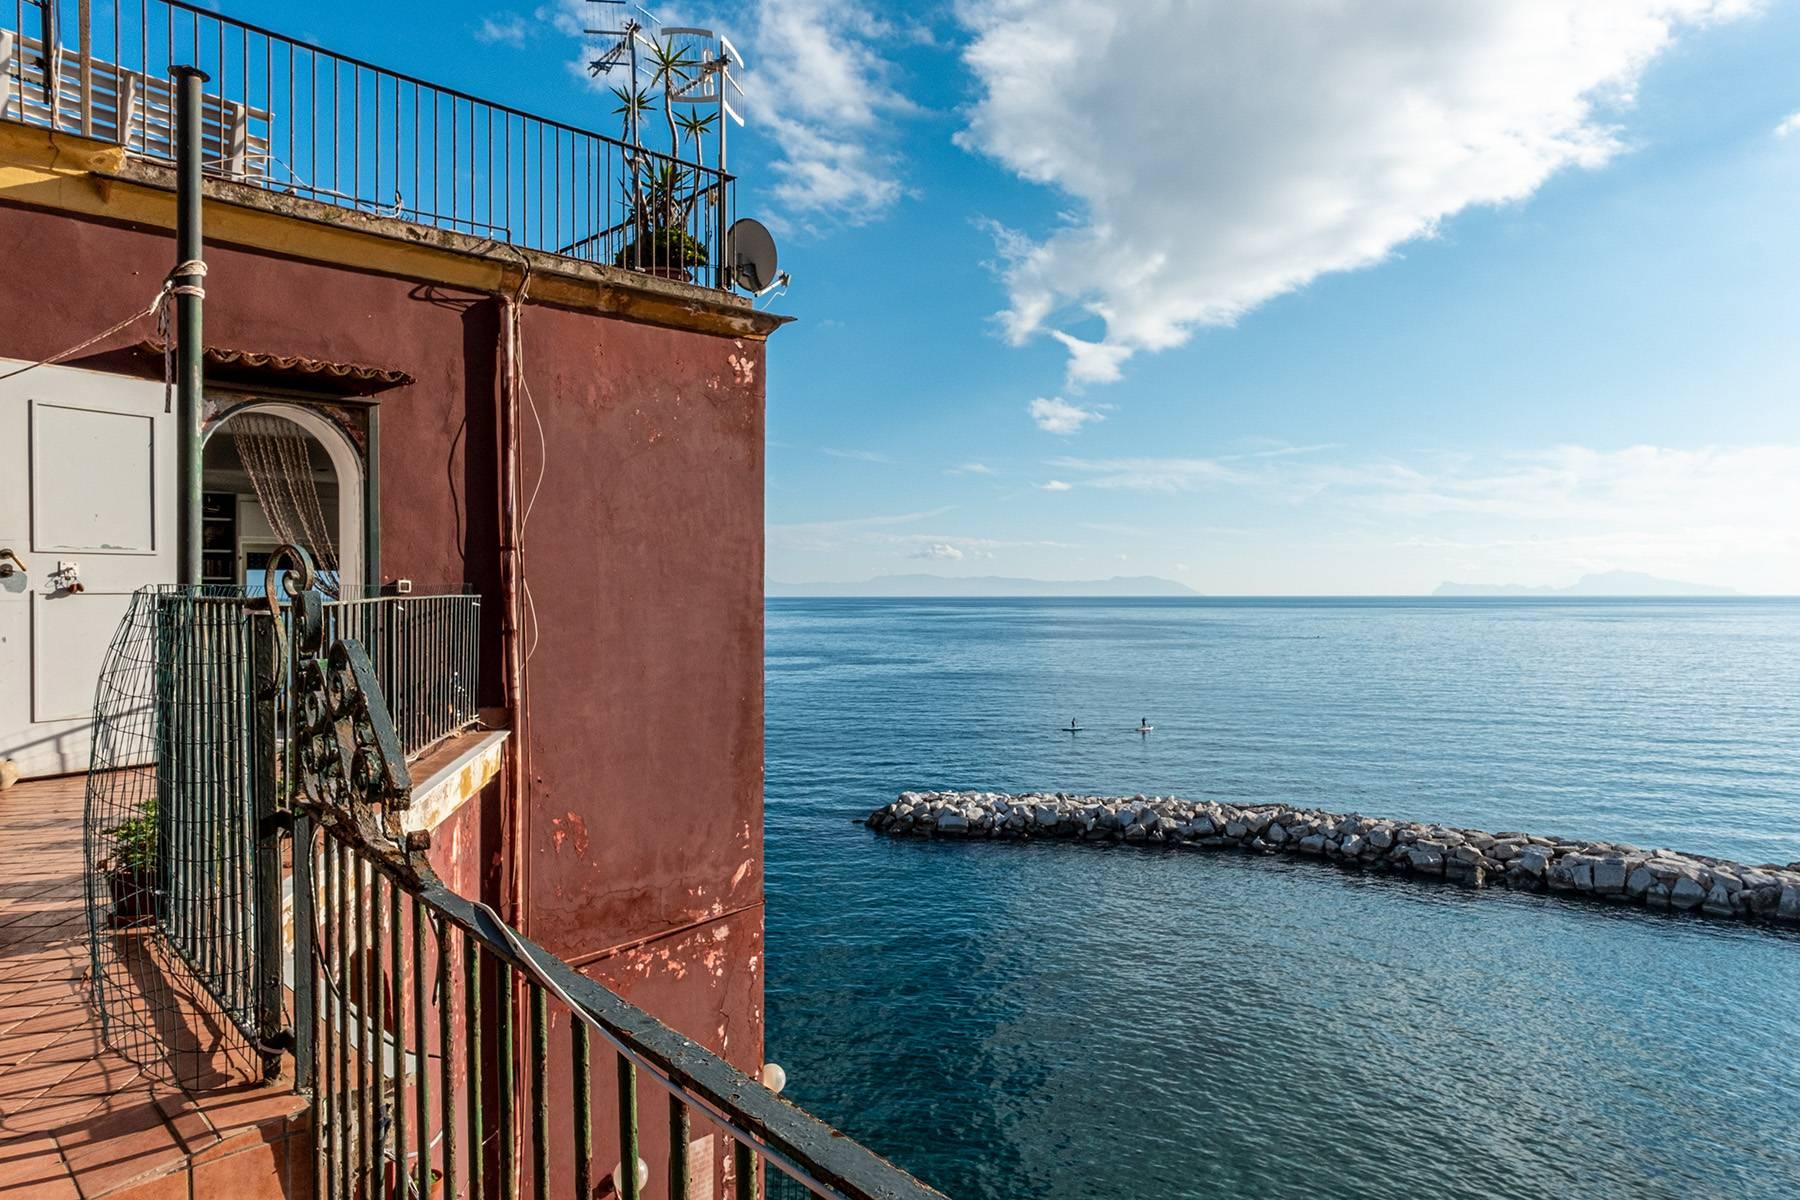 Attico in Vendita a Napoli: 5 locali, 650 mq - Foto 20